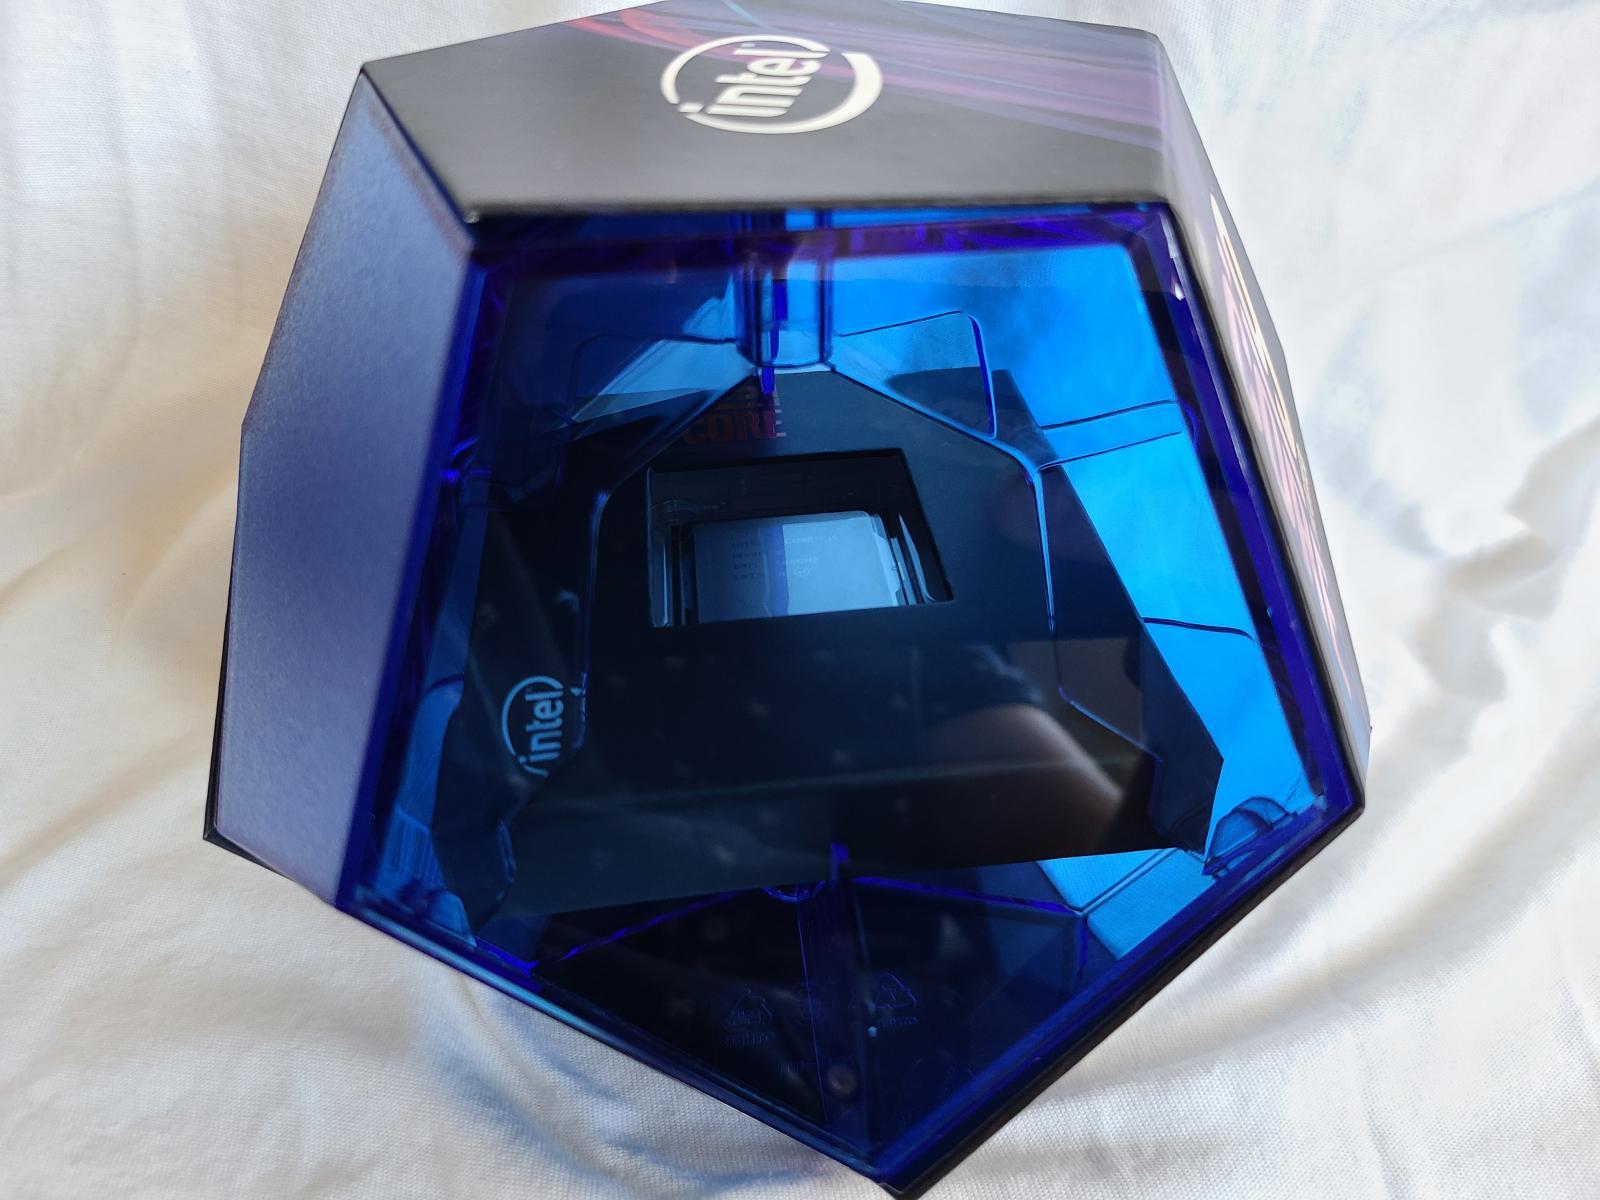 Photo of Core i9-9900K in original box